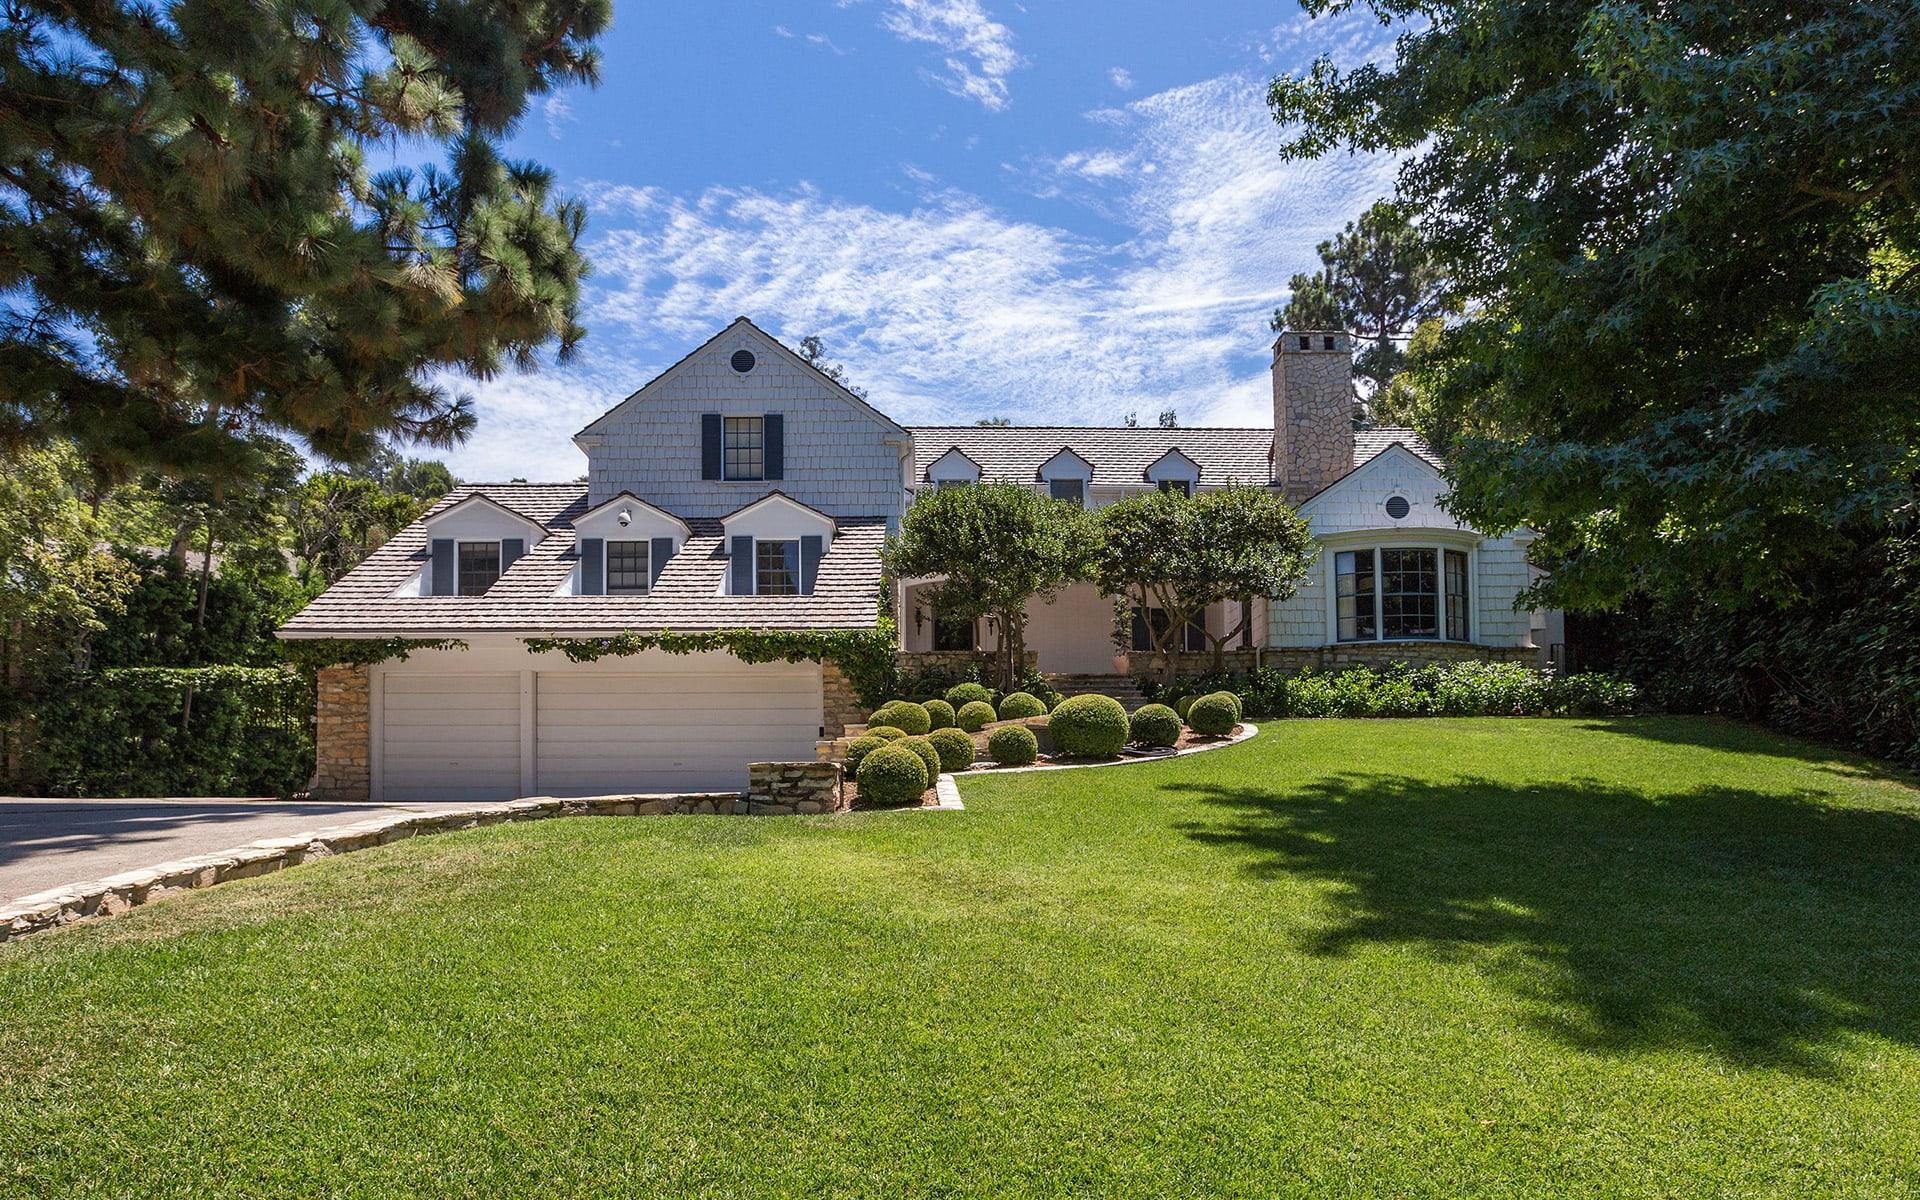 独户住宅 为 销售 在 9212 Hazen Dr 9212 Hazen Dr 贝弗利山庄, 加利福尼亚州,90210 美国